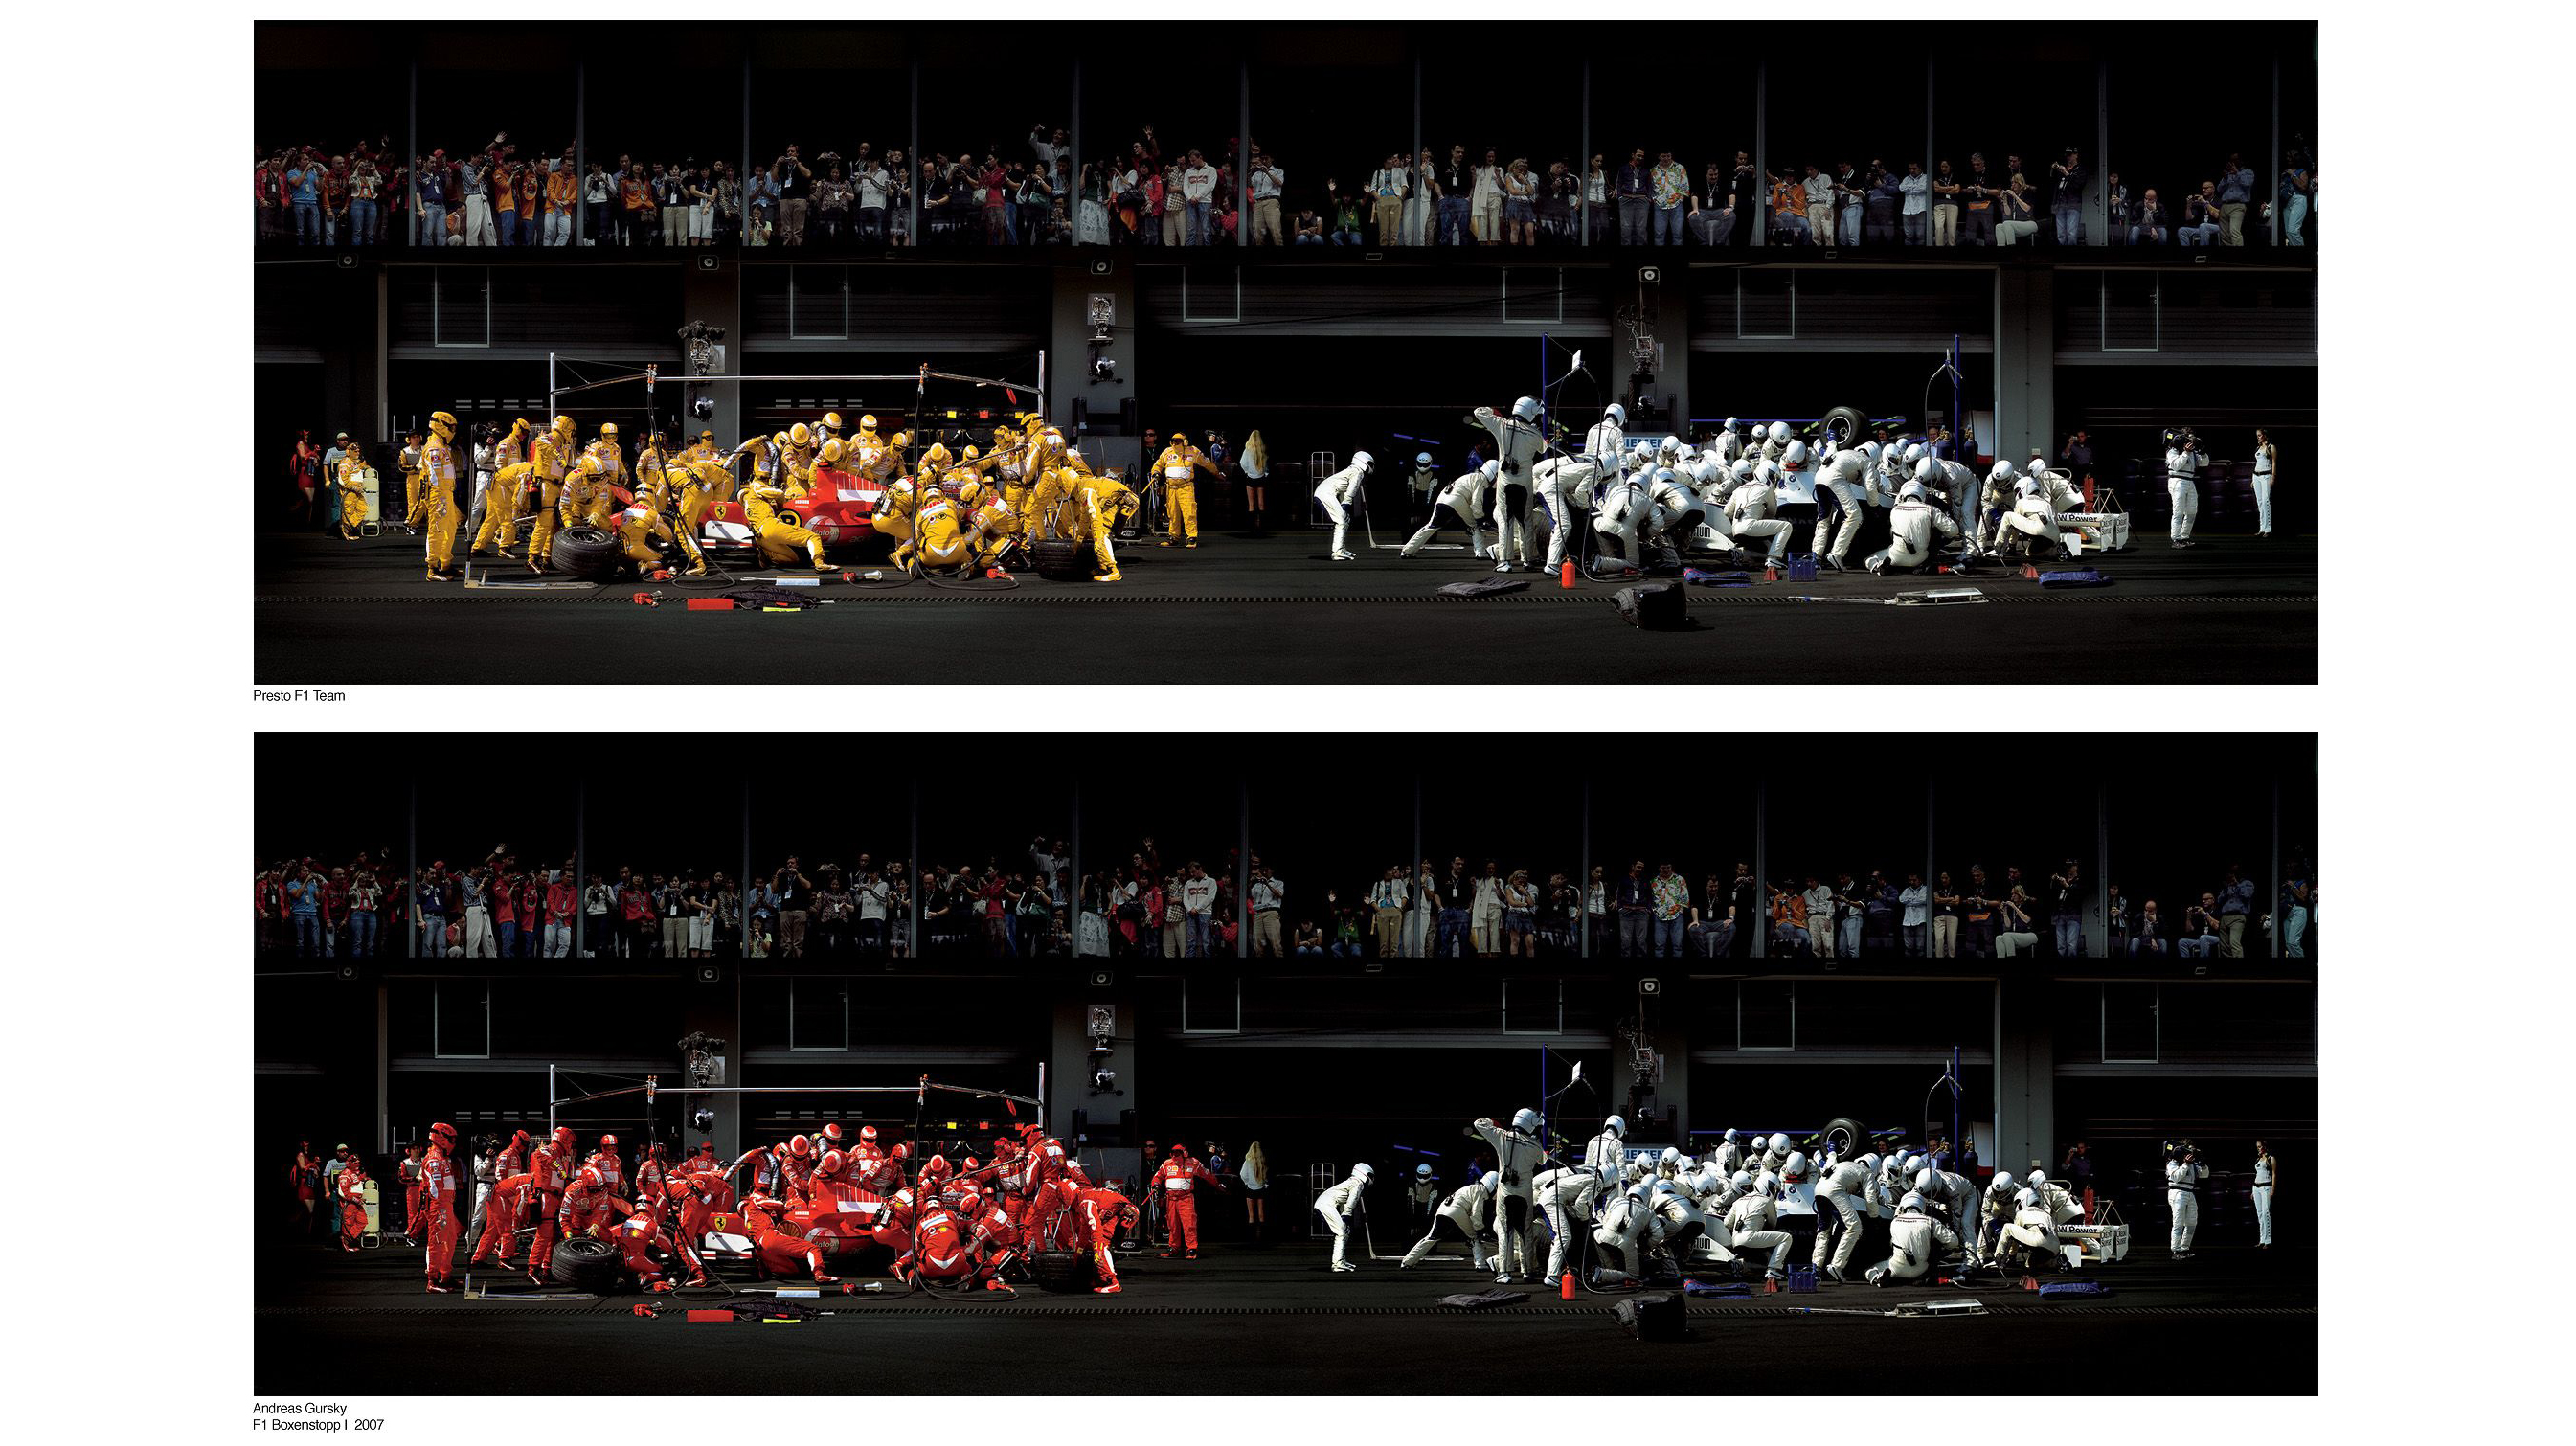 天价摄影大师 Andreas Gursky 作品回顾展登陆北京